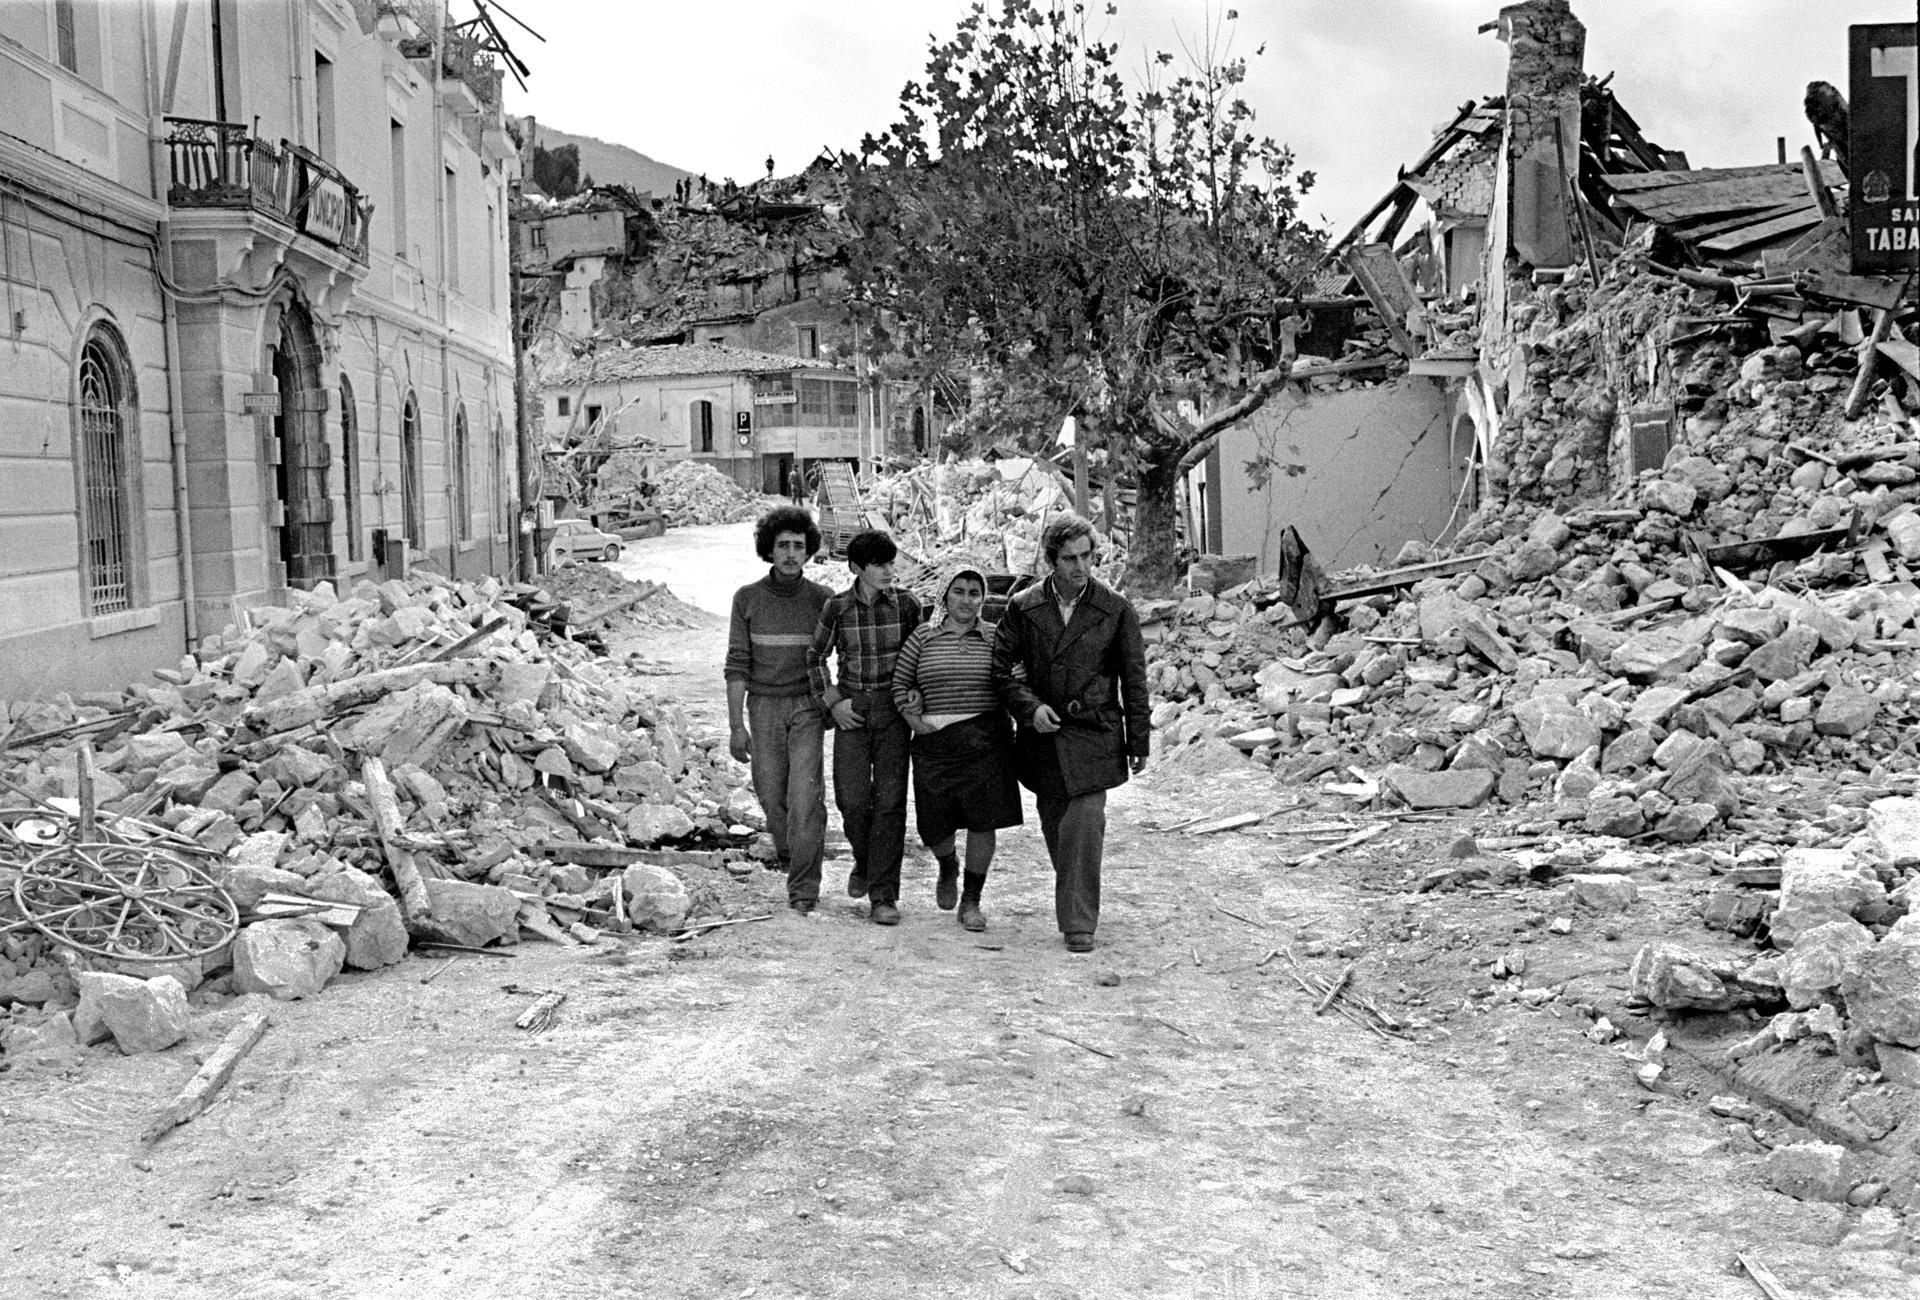 irpinia_terremoto-1980_è-una-tragedia_foto-antonietta-de-lillo